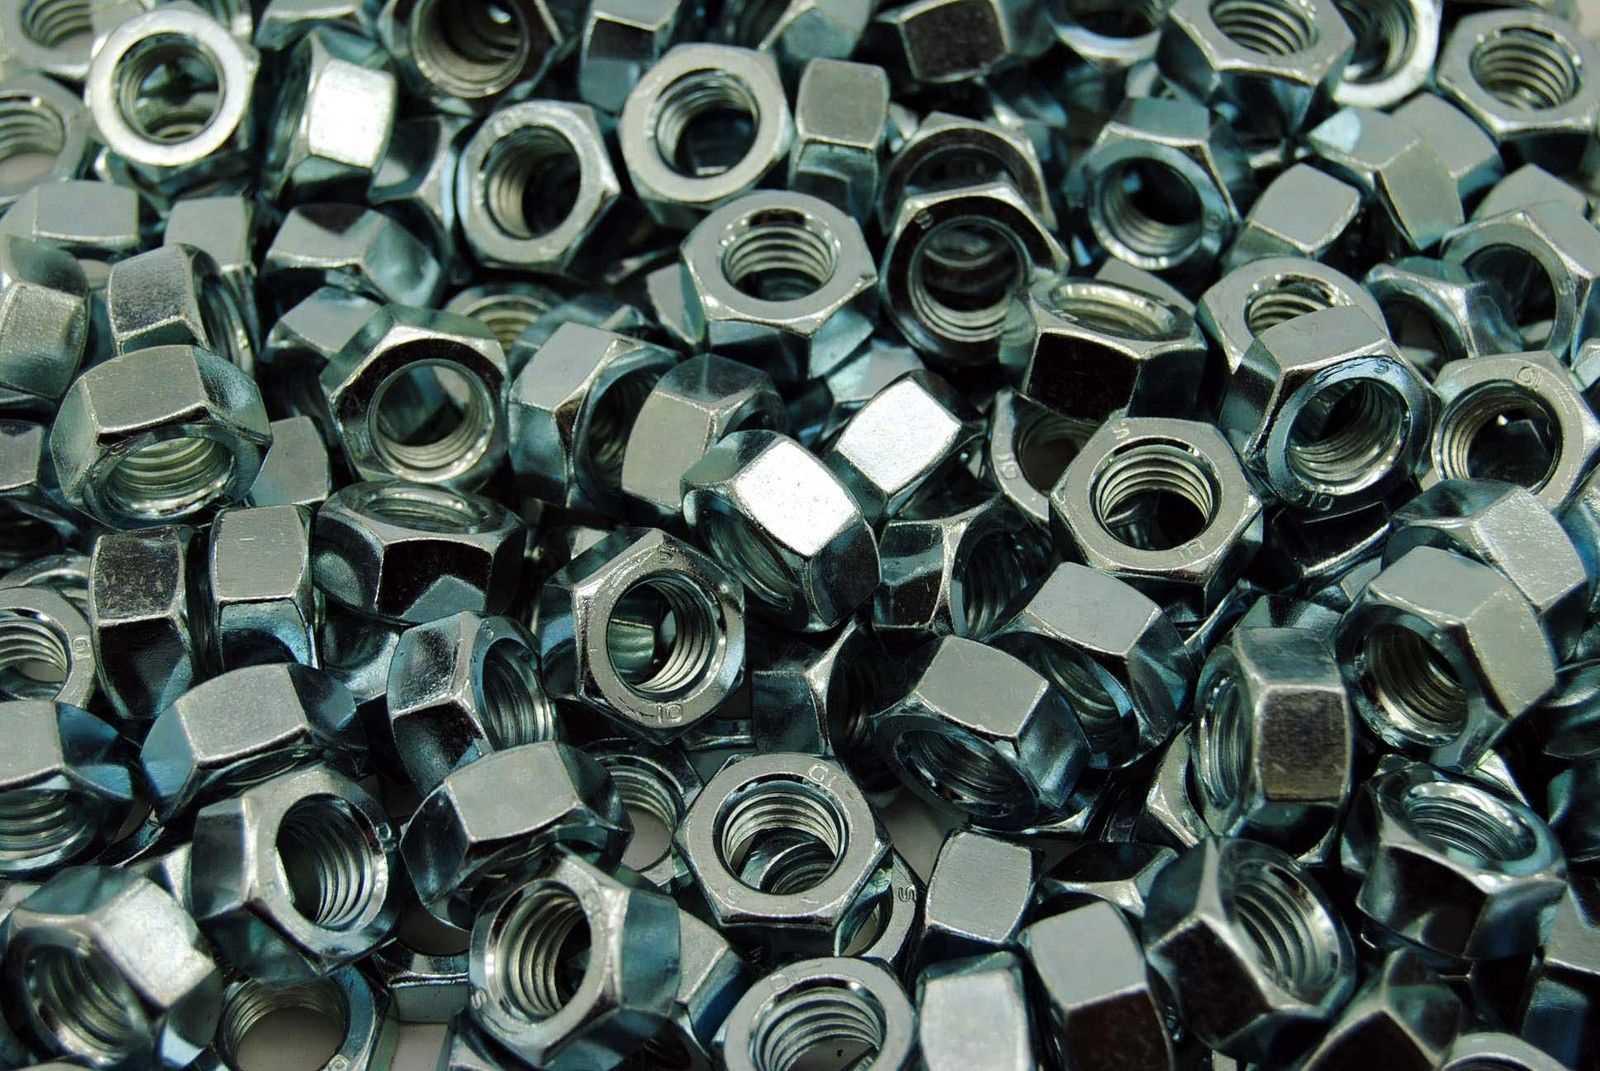 ISO 4032 Standard Edelstahl A2 V2A Schraubenmuttter Edelstahlmutter Sechskant-Mutter Gr/ö/ßen M3 M4 M5 M6 M8 M10 M12 210 teiliges Set Sechskantmuttern nach DIN 934